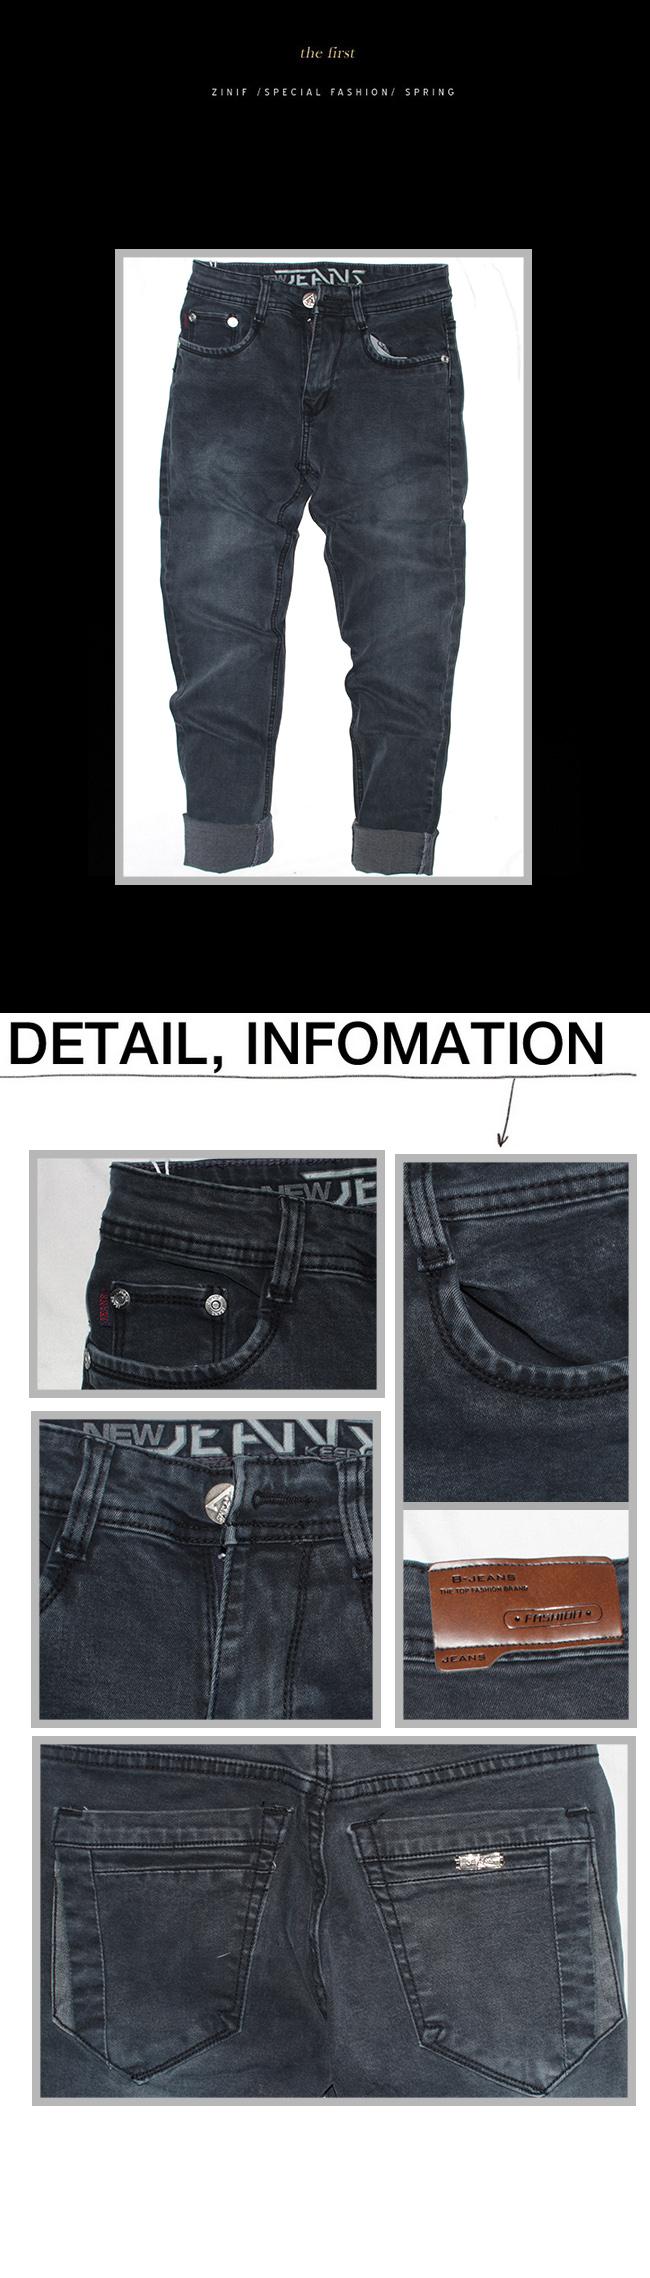 Quần jean xanh đen qj1102 - 1